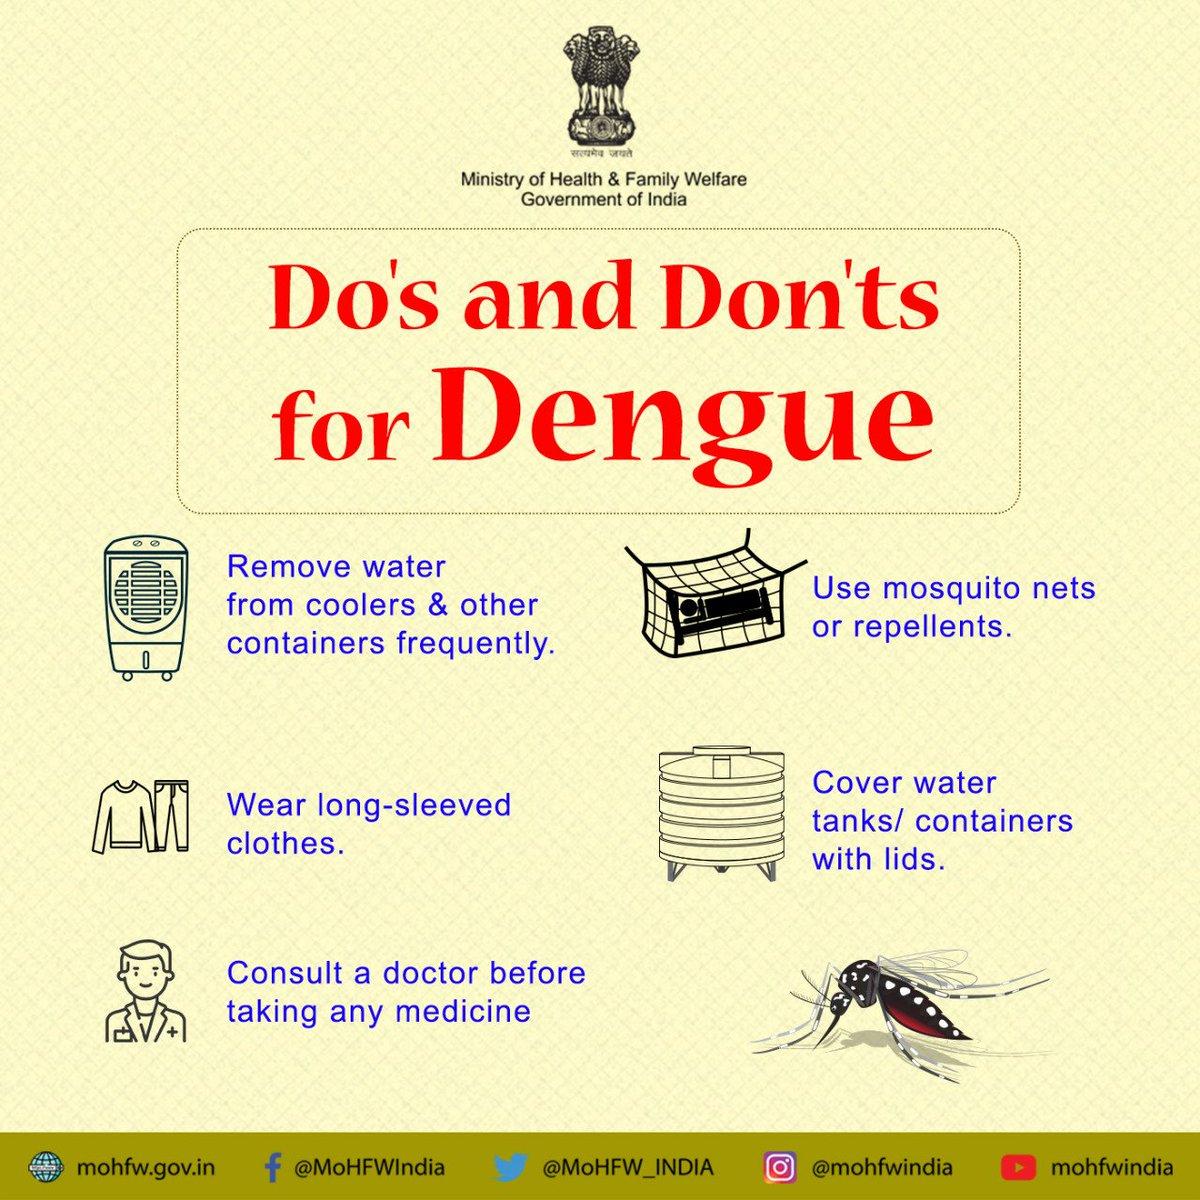 #COVID19 के चलते डेंगू को अनदेखा न करे।  इसकी रोकथाम संभव है। कुछ आसान से उपायों को अपनाकर, करें डेंगू से बचाव    https://t.co/FQupwiLf3S.   #SwasthaBharat #TransformingHealth #Dengue https://t.co/UB7BLcUjX4